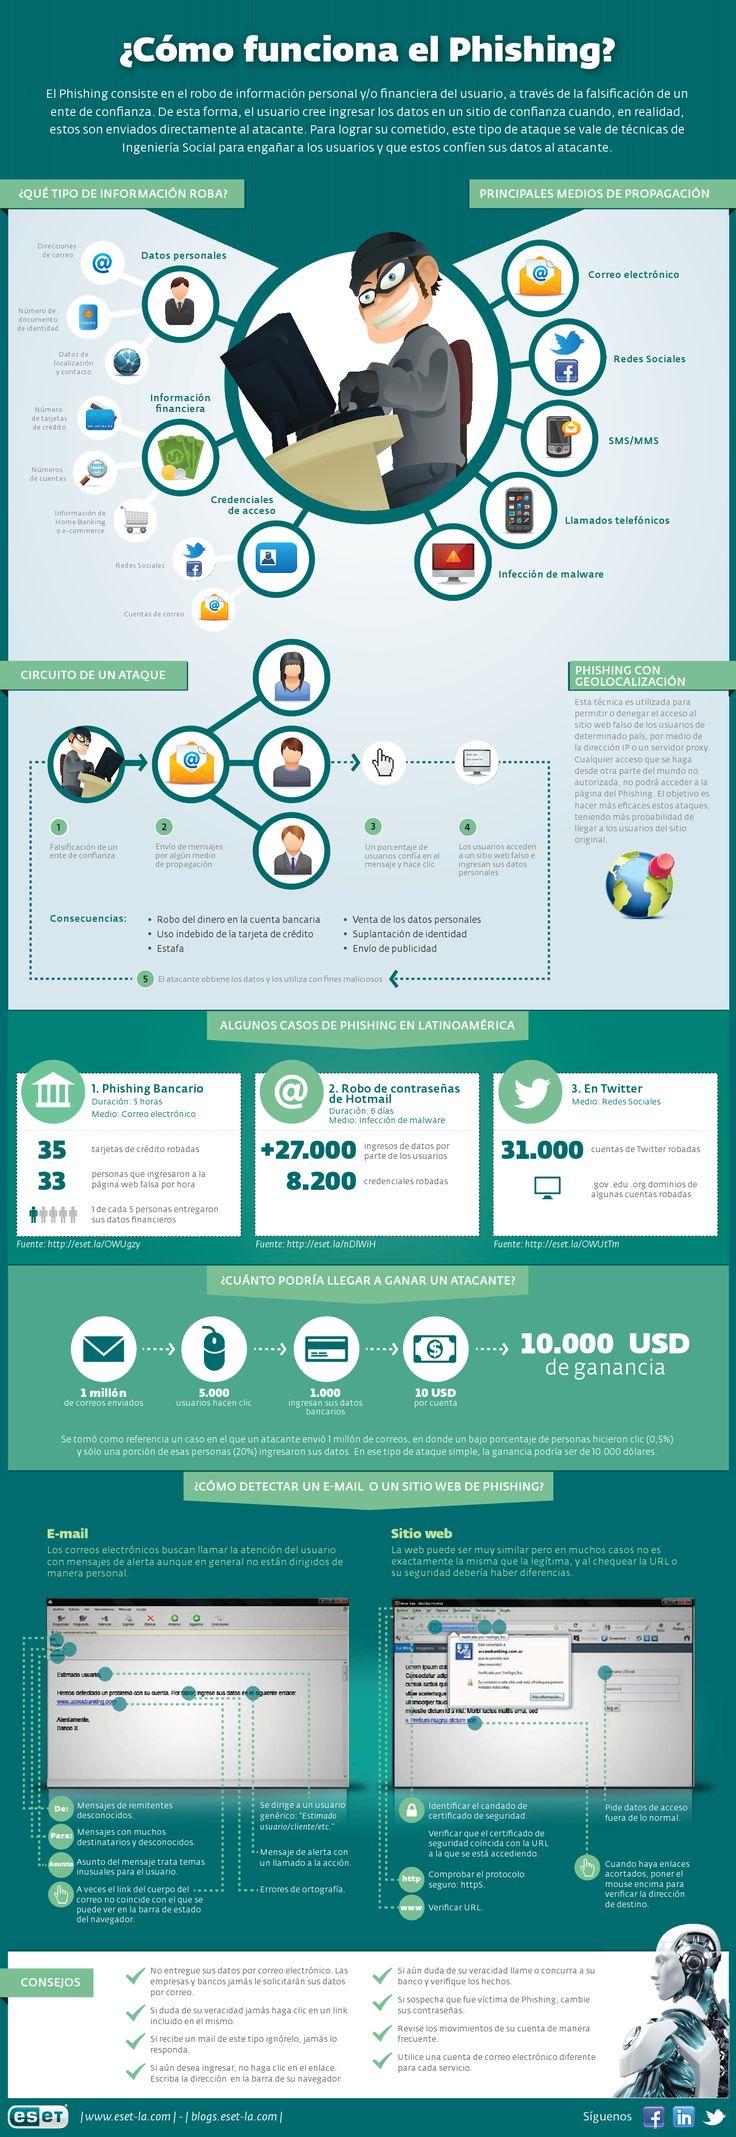 Interesante y muy completa infografía de los laboratorios ESET donde se explica que es el Phishing, cuales son sus técnicas más comunes y cómo evitar caer en sus señuelos. No dejes de leerla